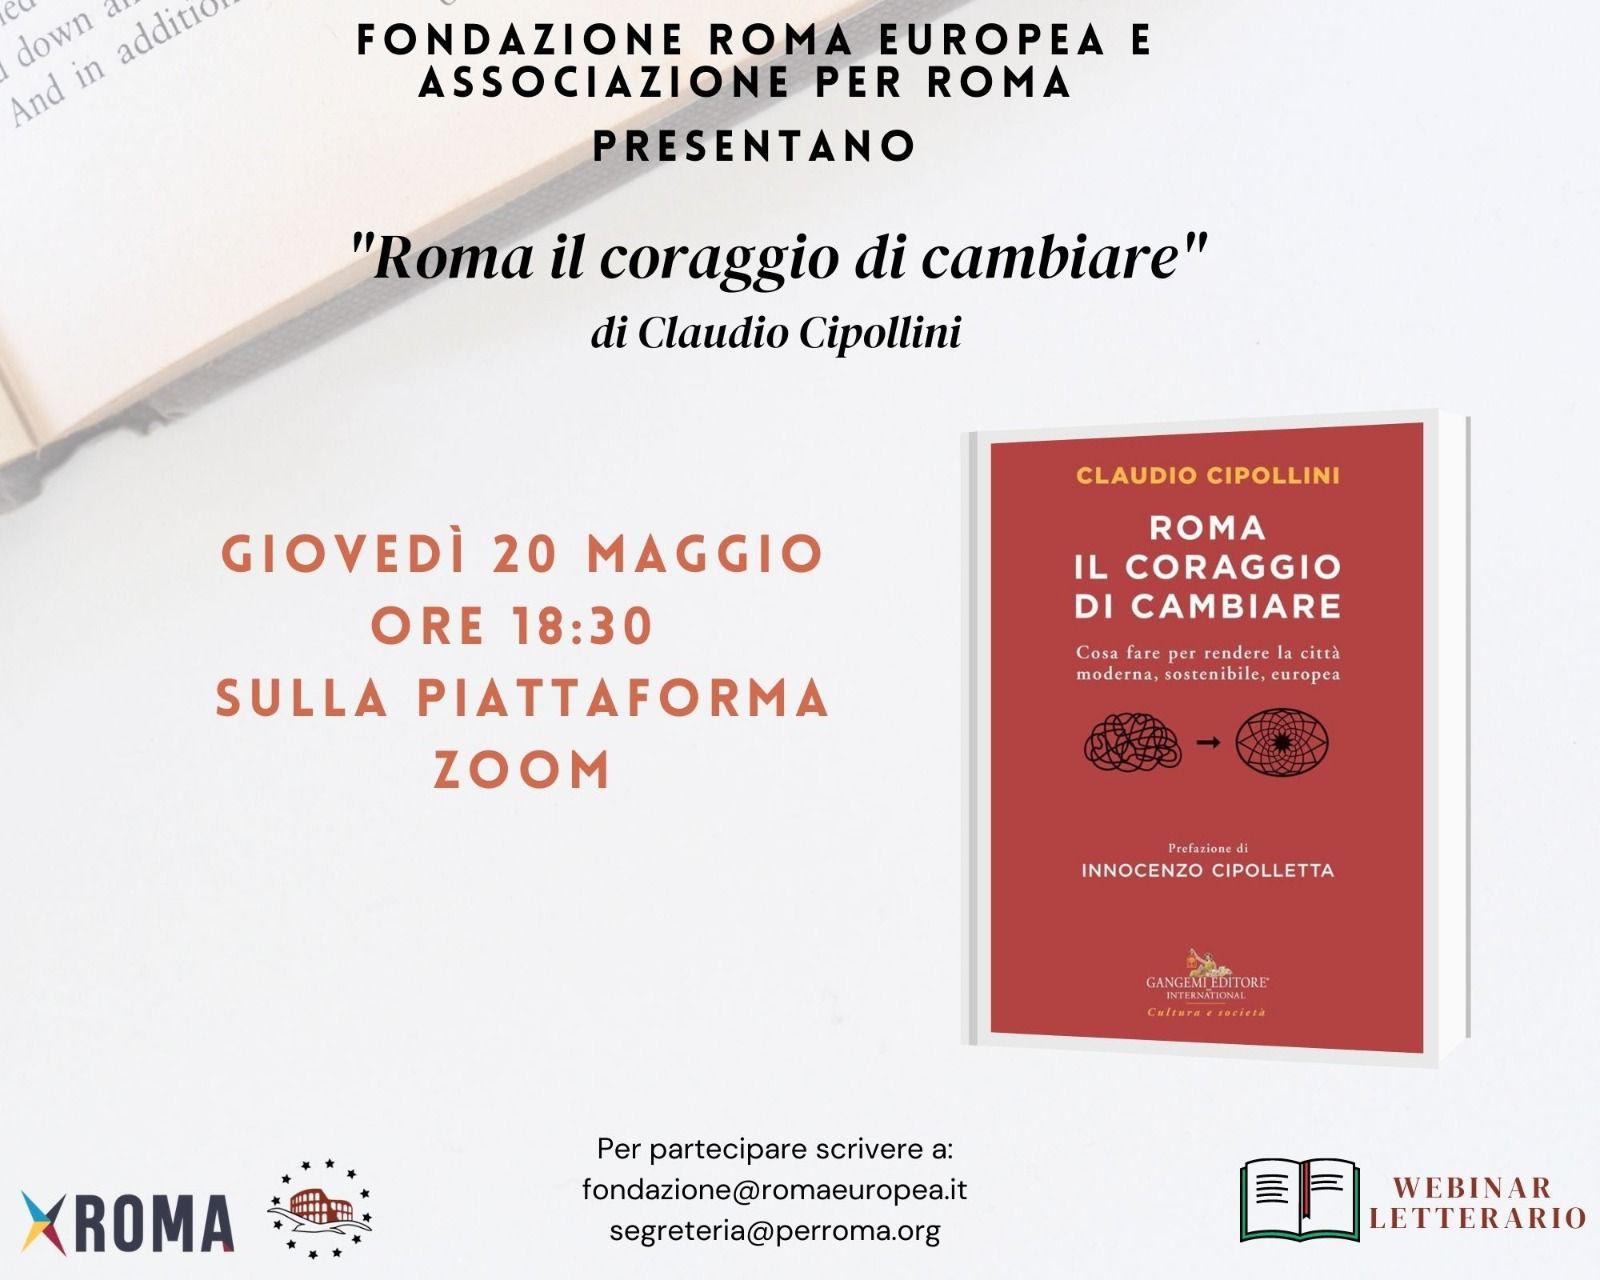 Webinar Letterario – Roma il coraggio di cambiare